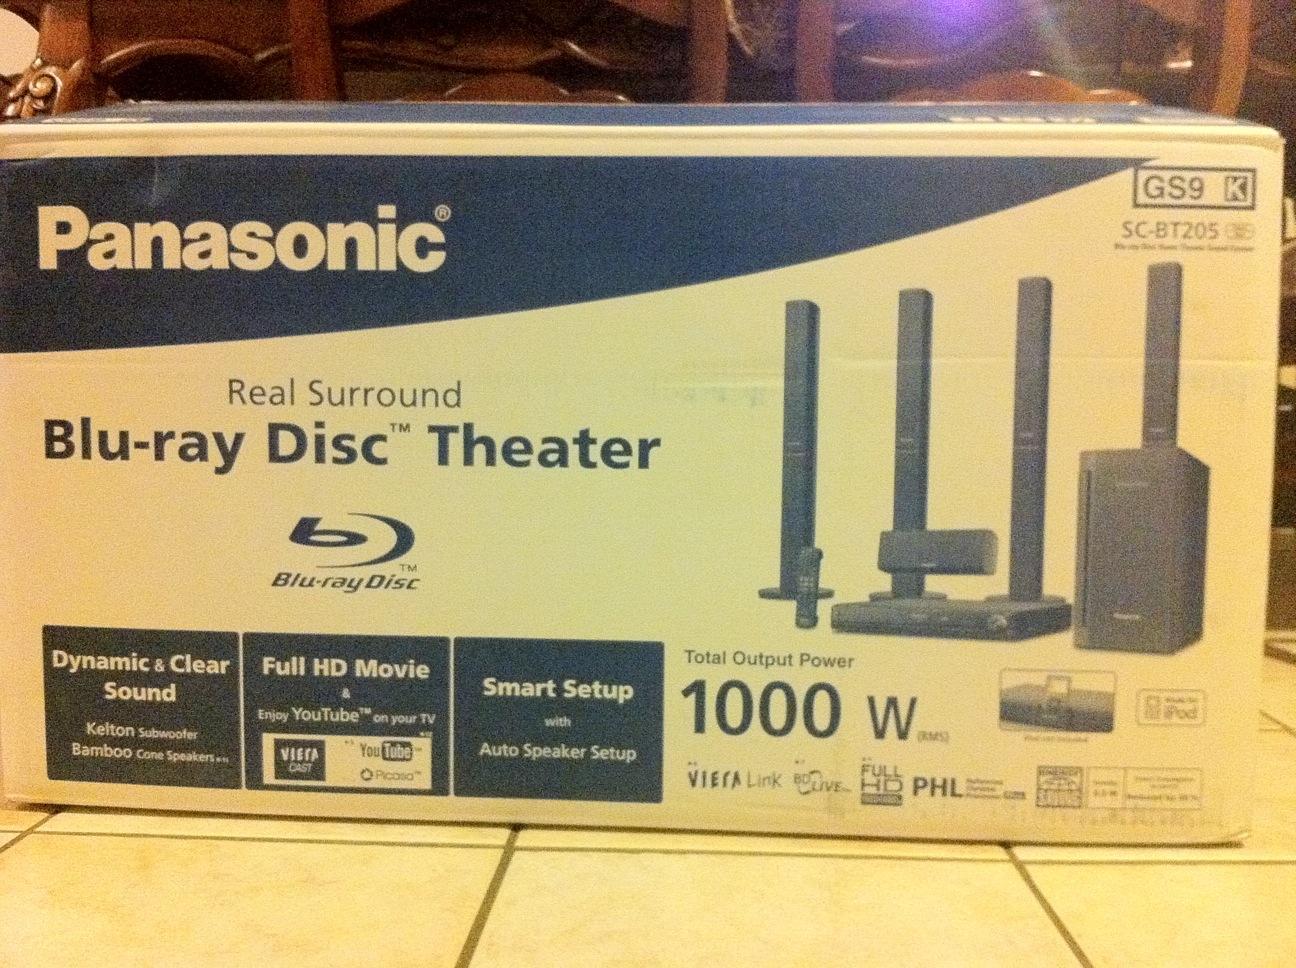 للبيع مسرح منزلي Panasonic المؤشرنت